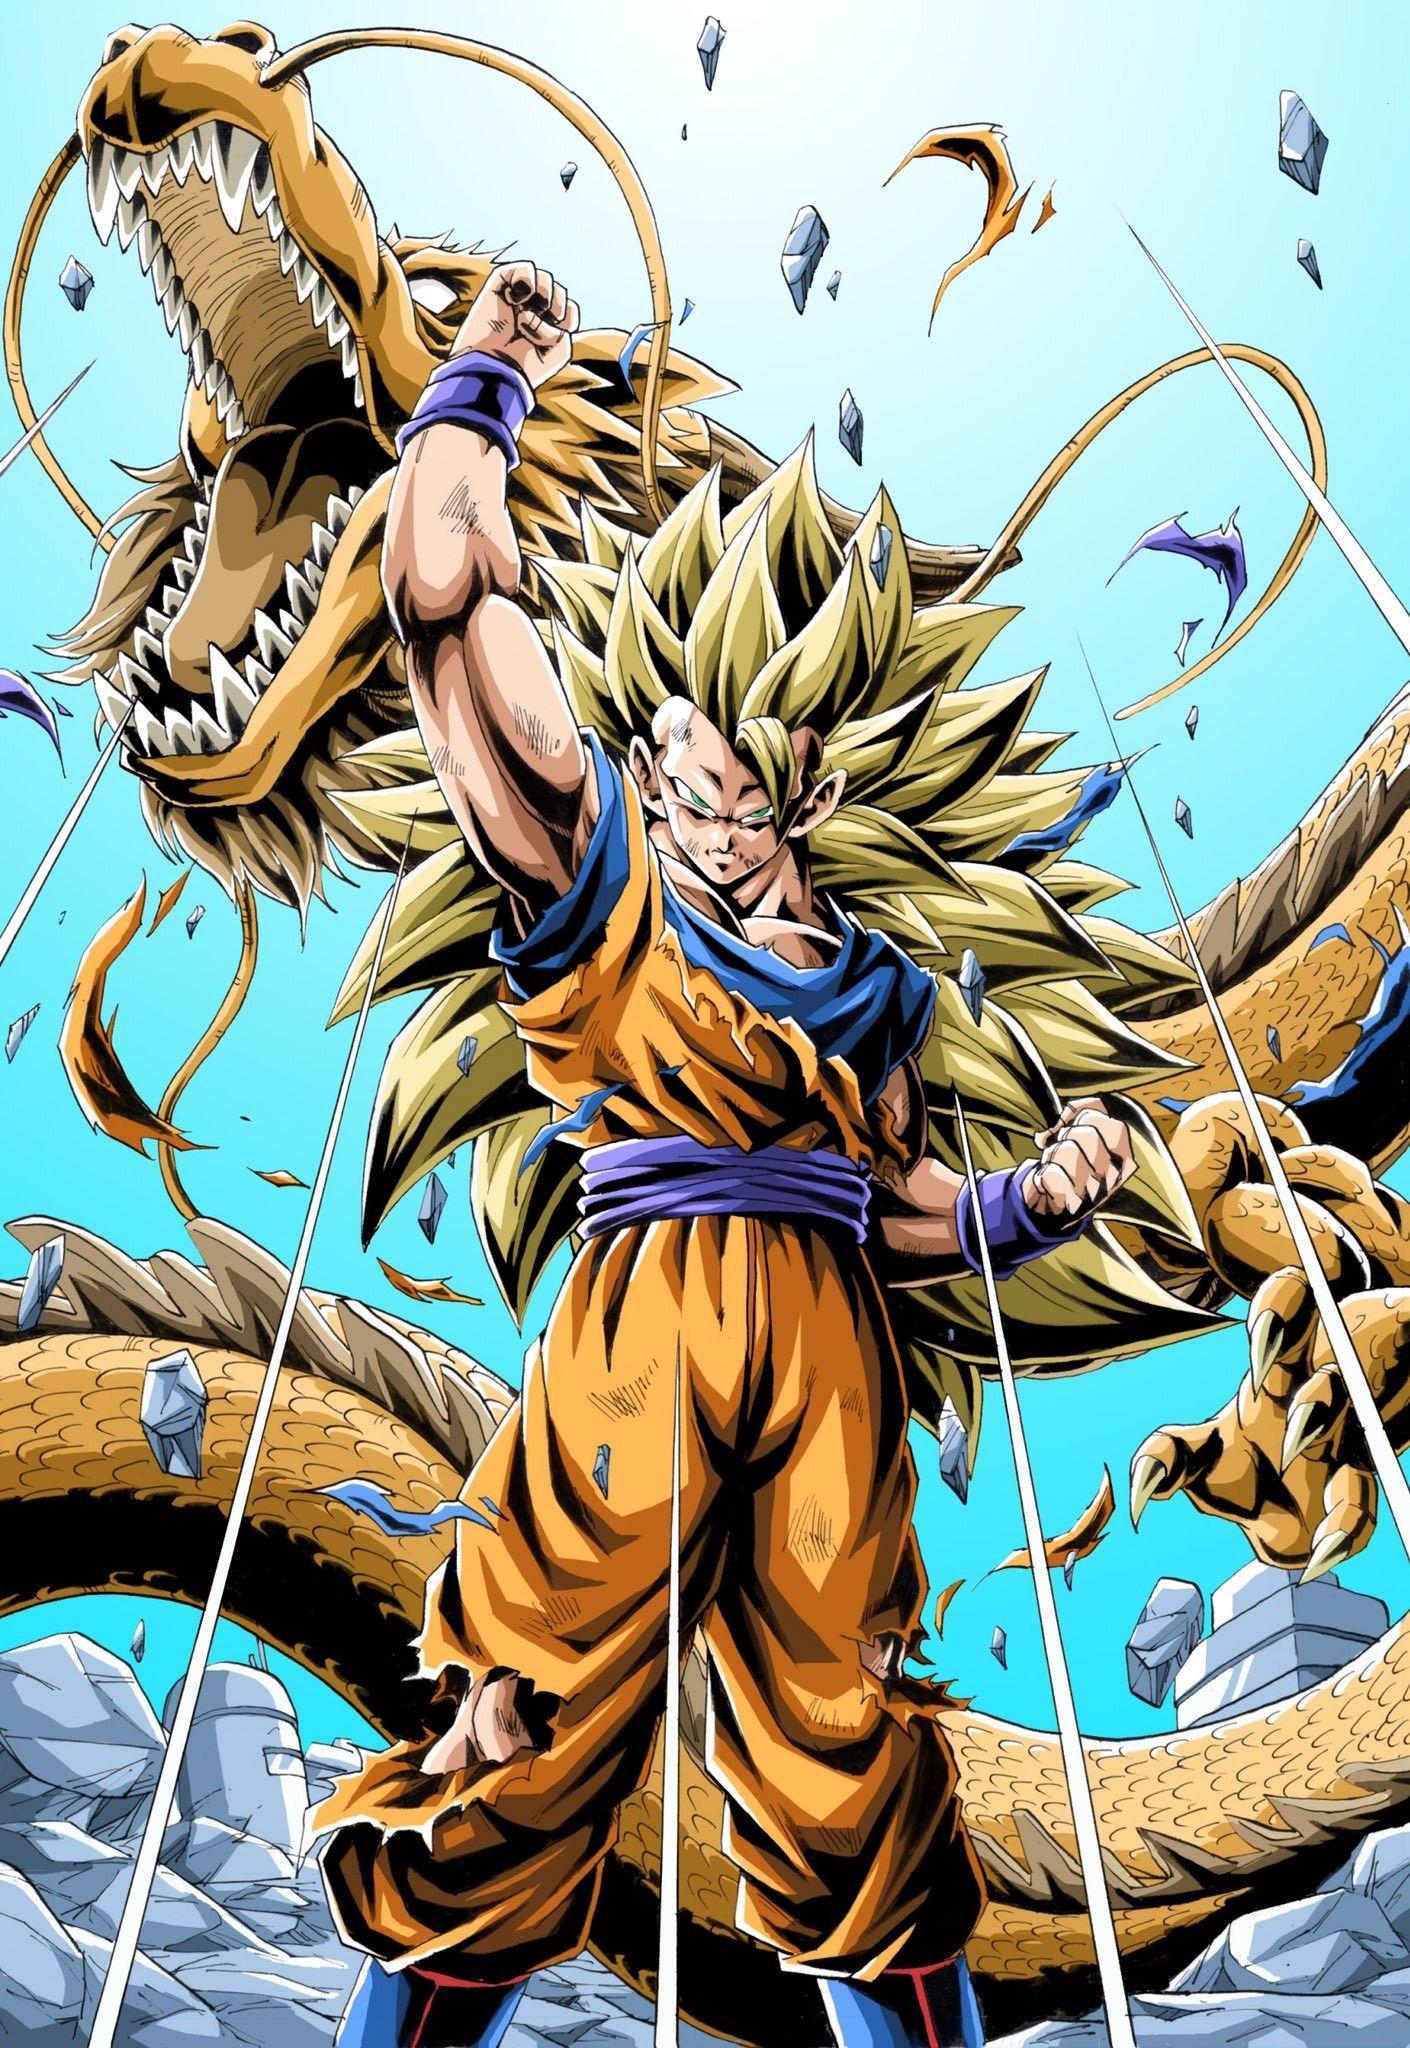 Goku Super Saiyan 3 Dragon Ball Goku Dragon Ball Wallpapers Anime Dragon Ball Super